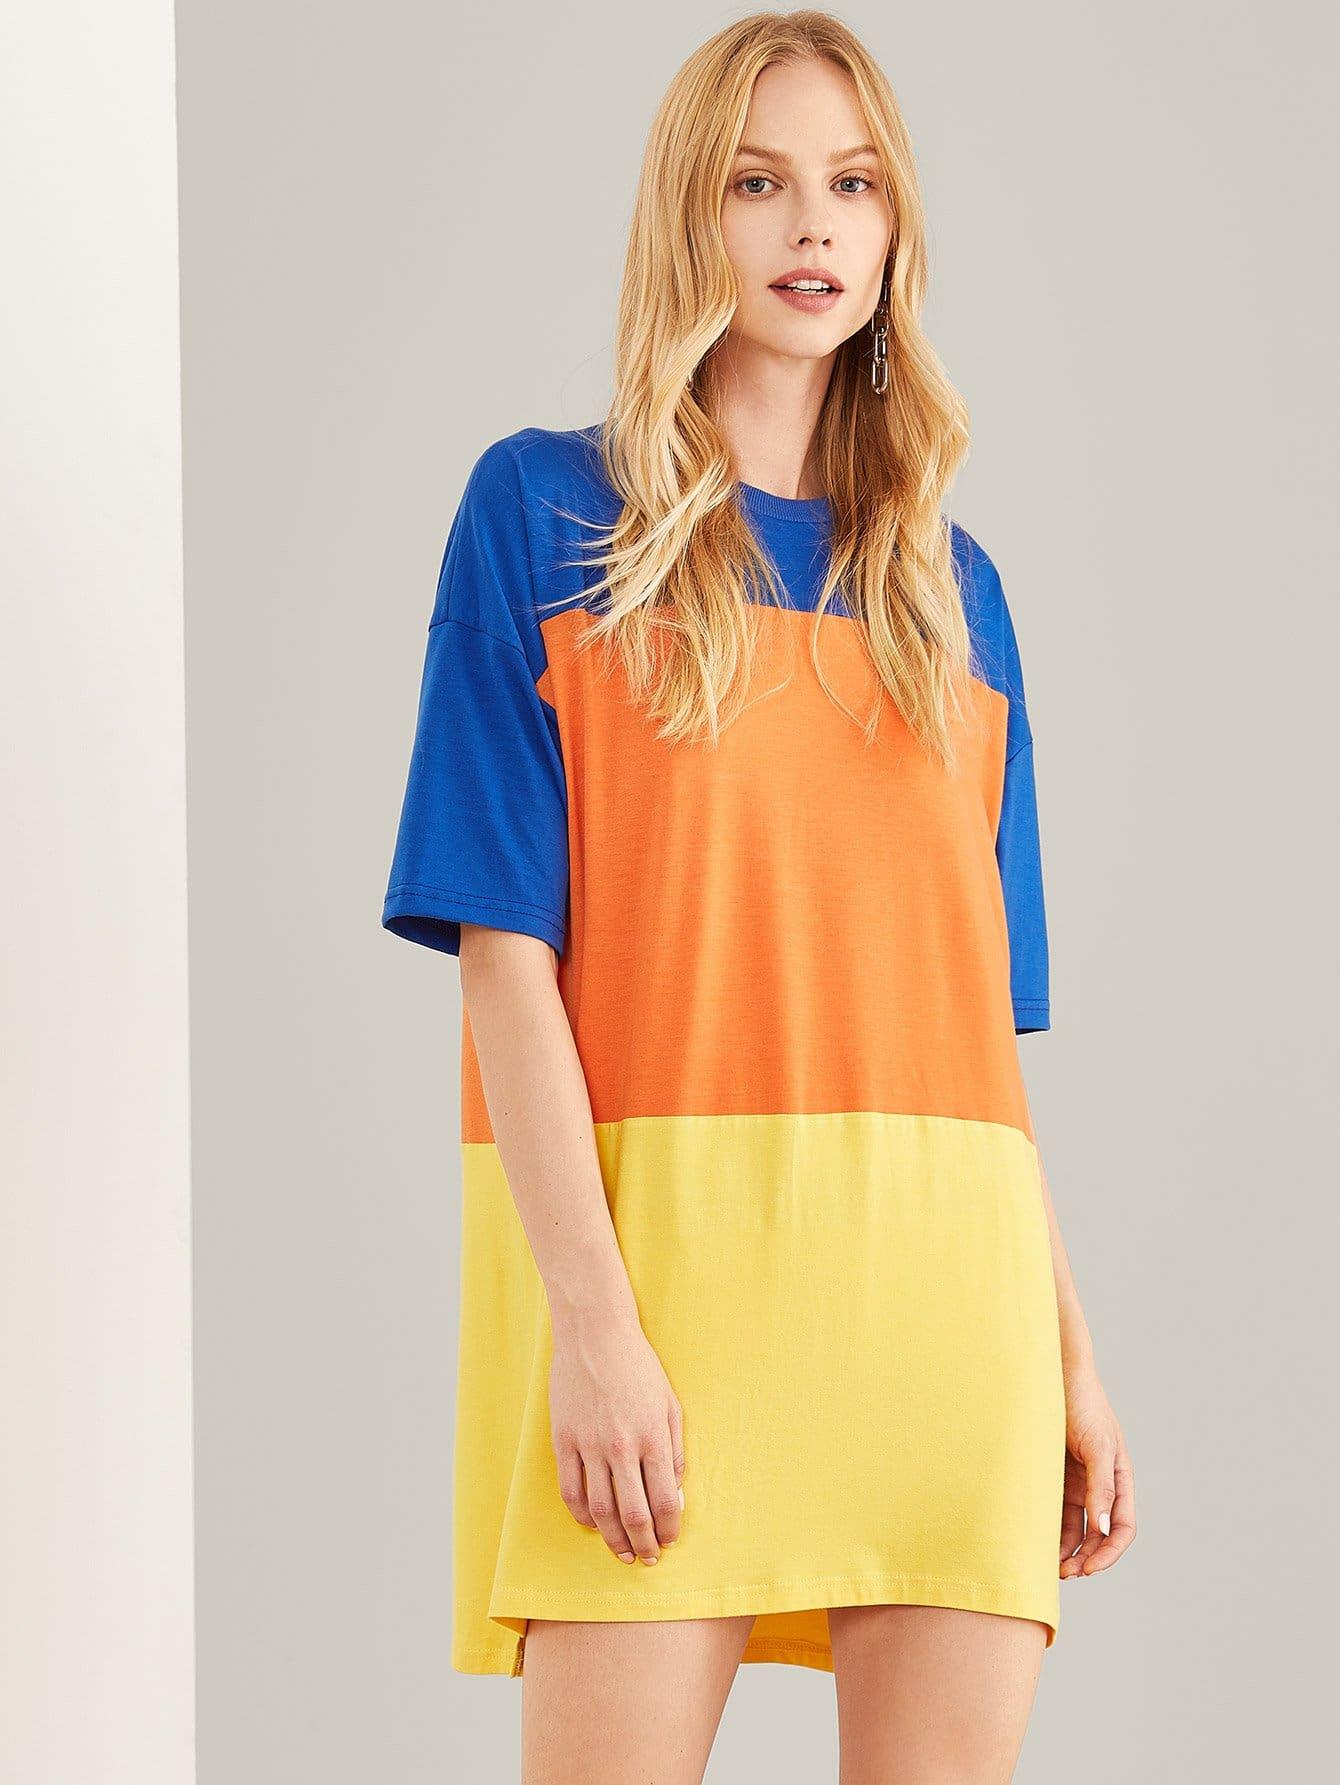 Контрастная длинная футболка, Denisa, SheIn  - купить со скидкой